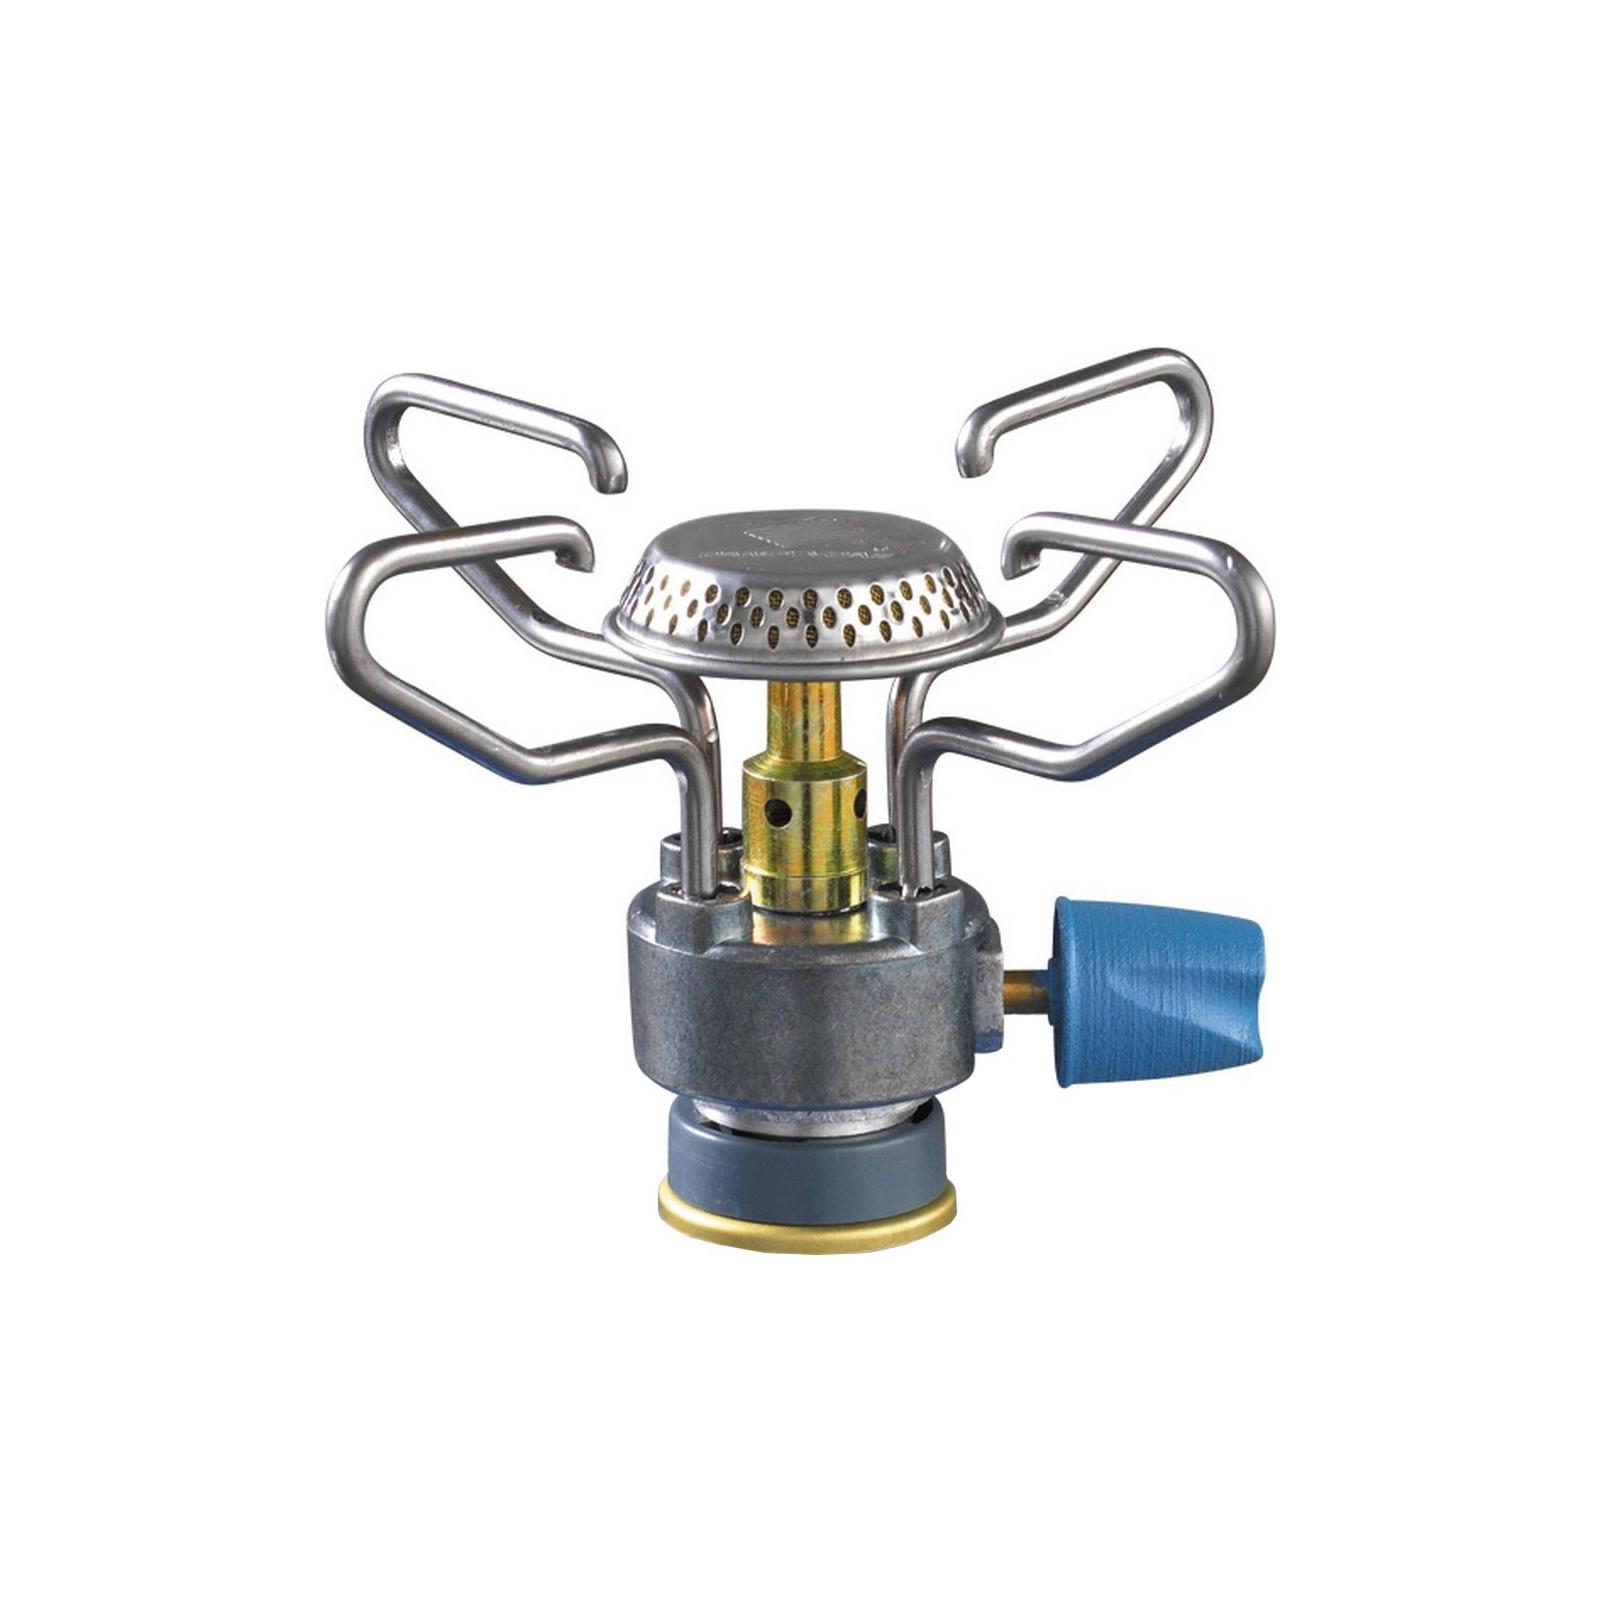 Газовая плитка Campingaz Bleuet 270 Micro Plus + CV 300 (204186S) изображение 2